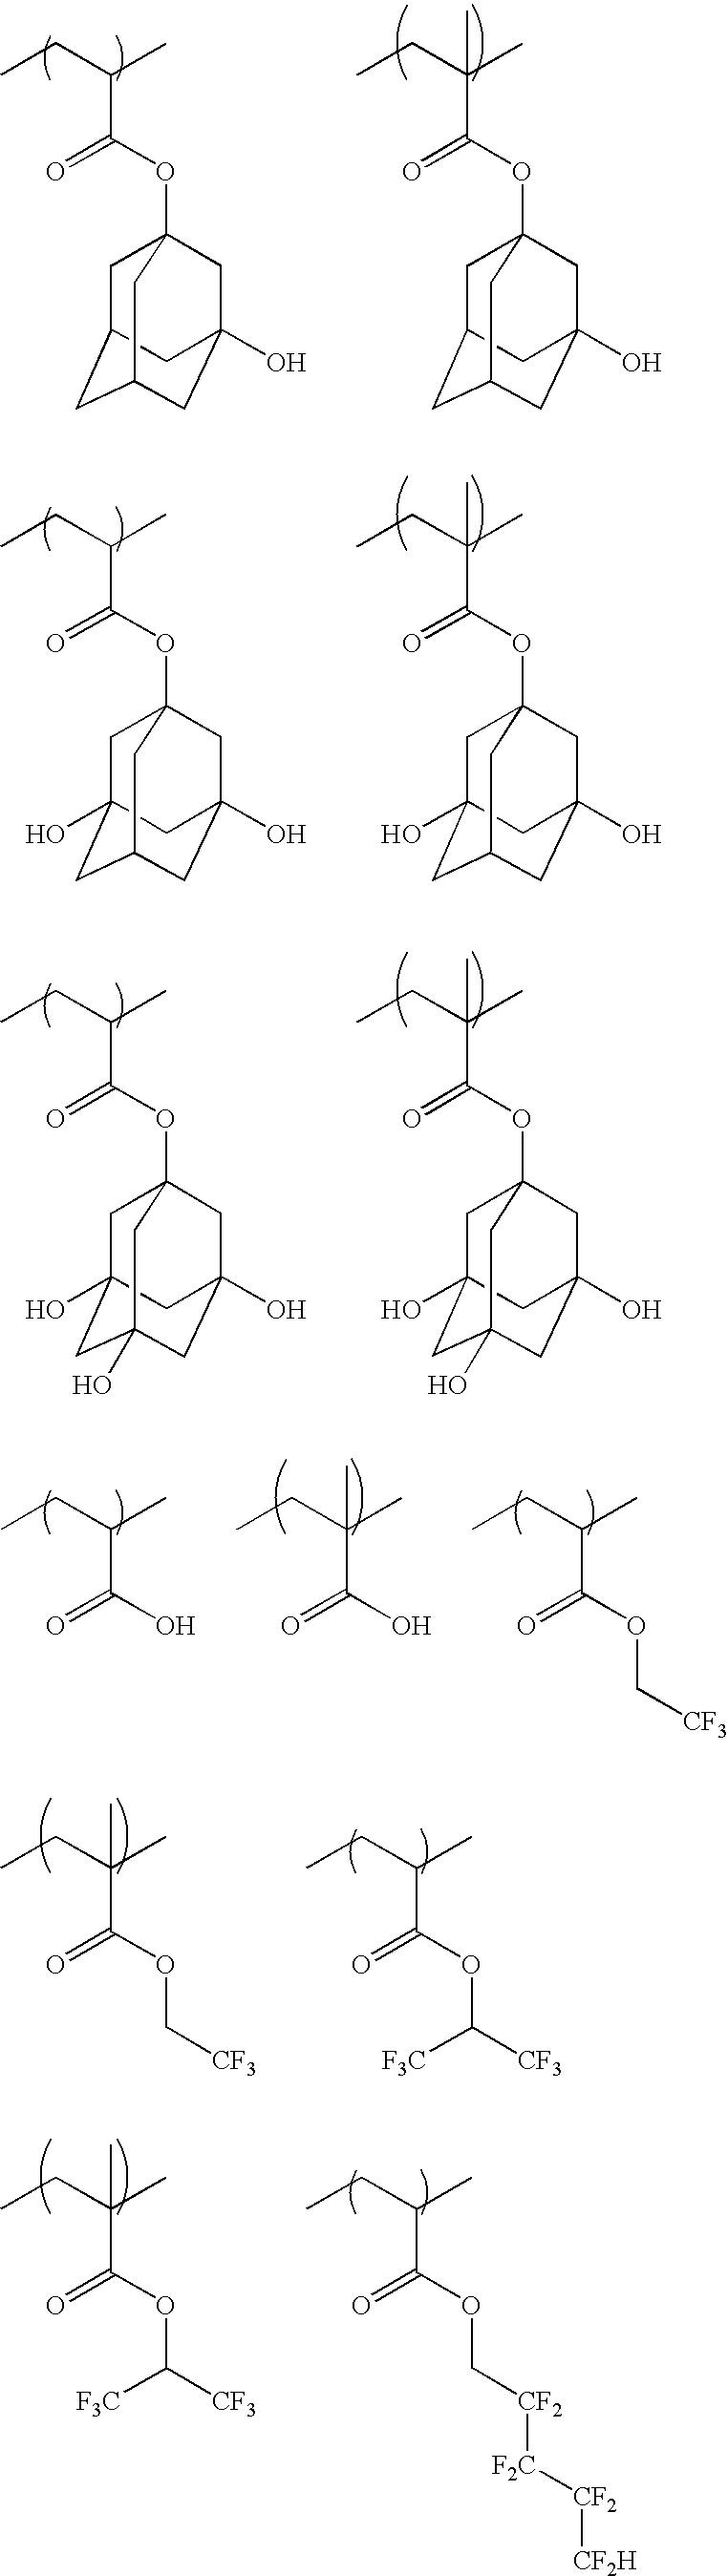 Figure US20090280434A1-20091112-C00032